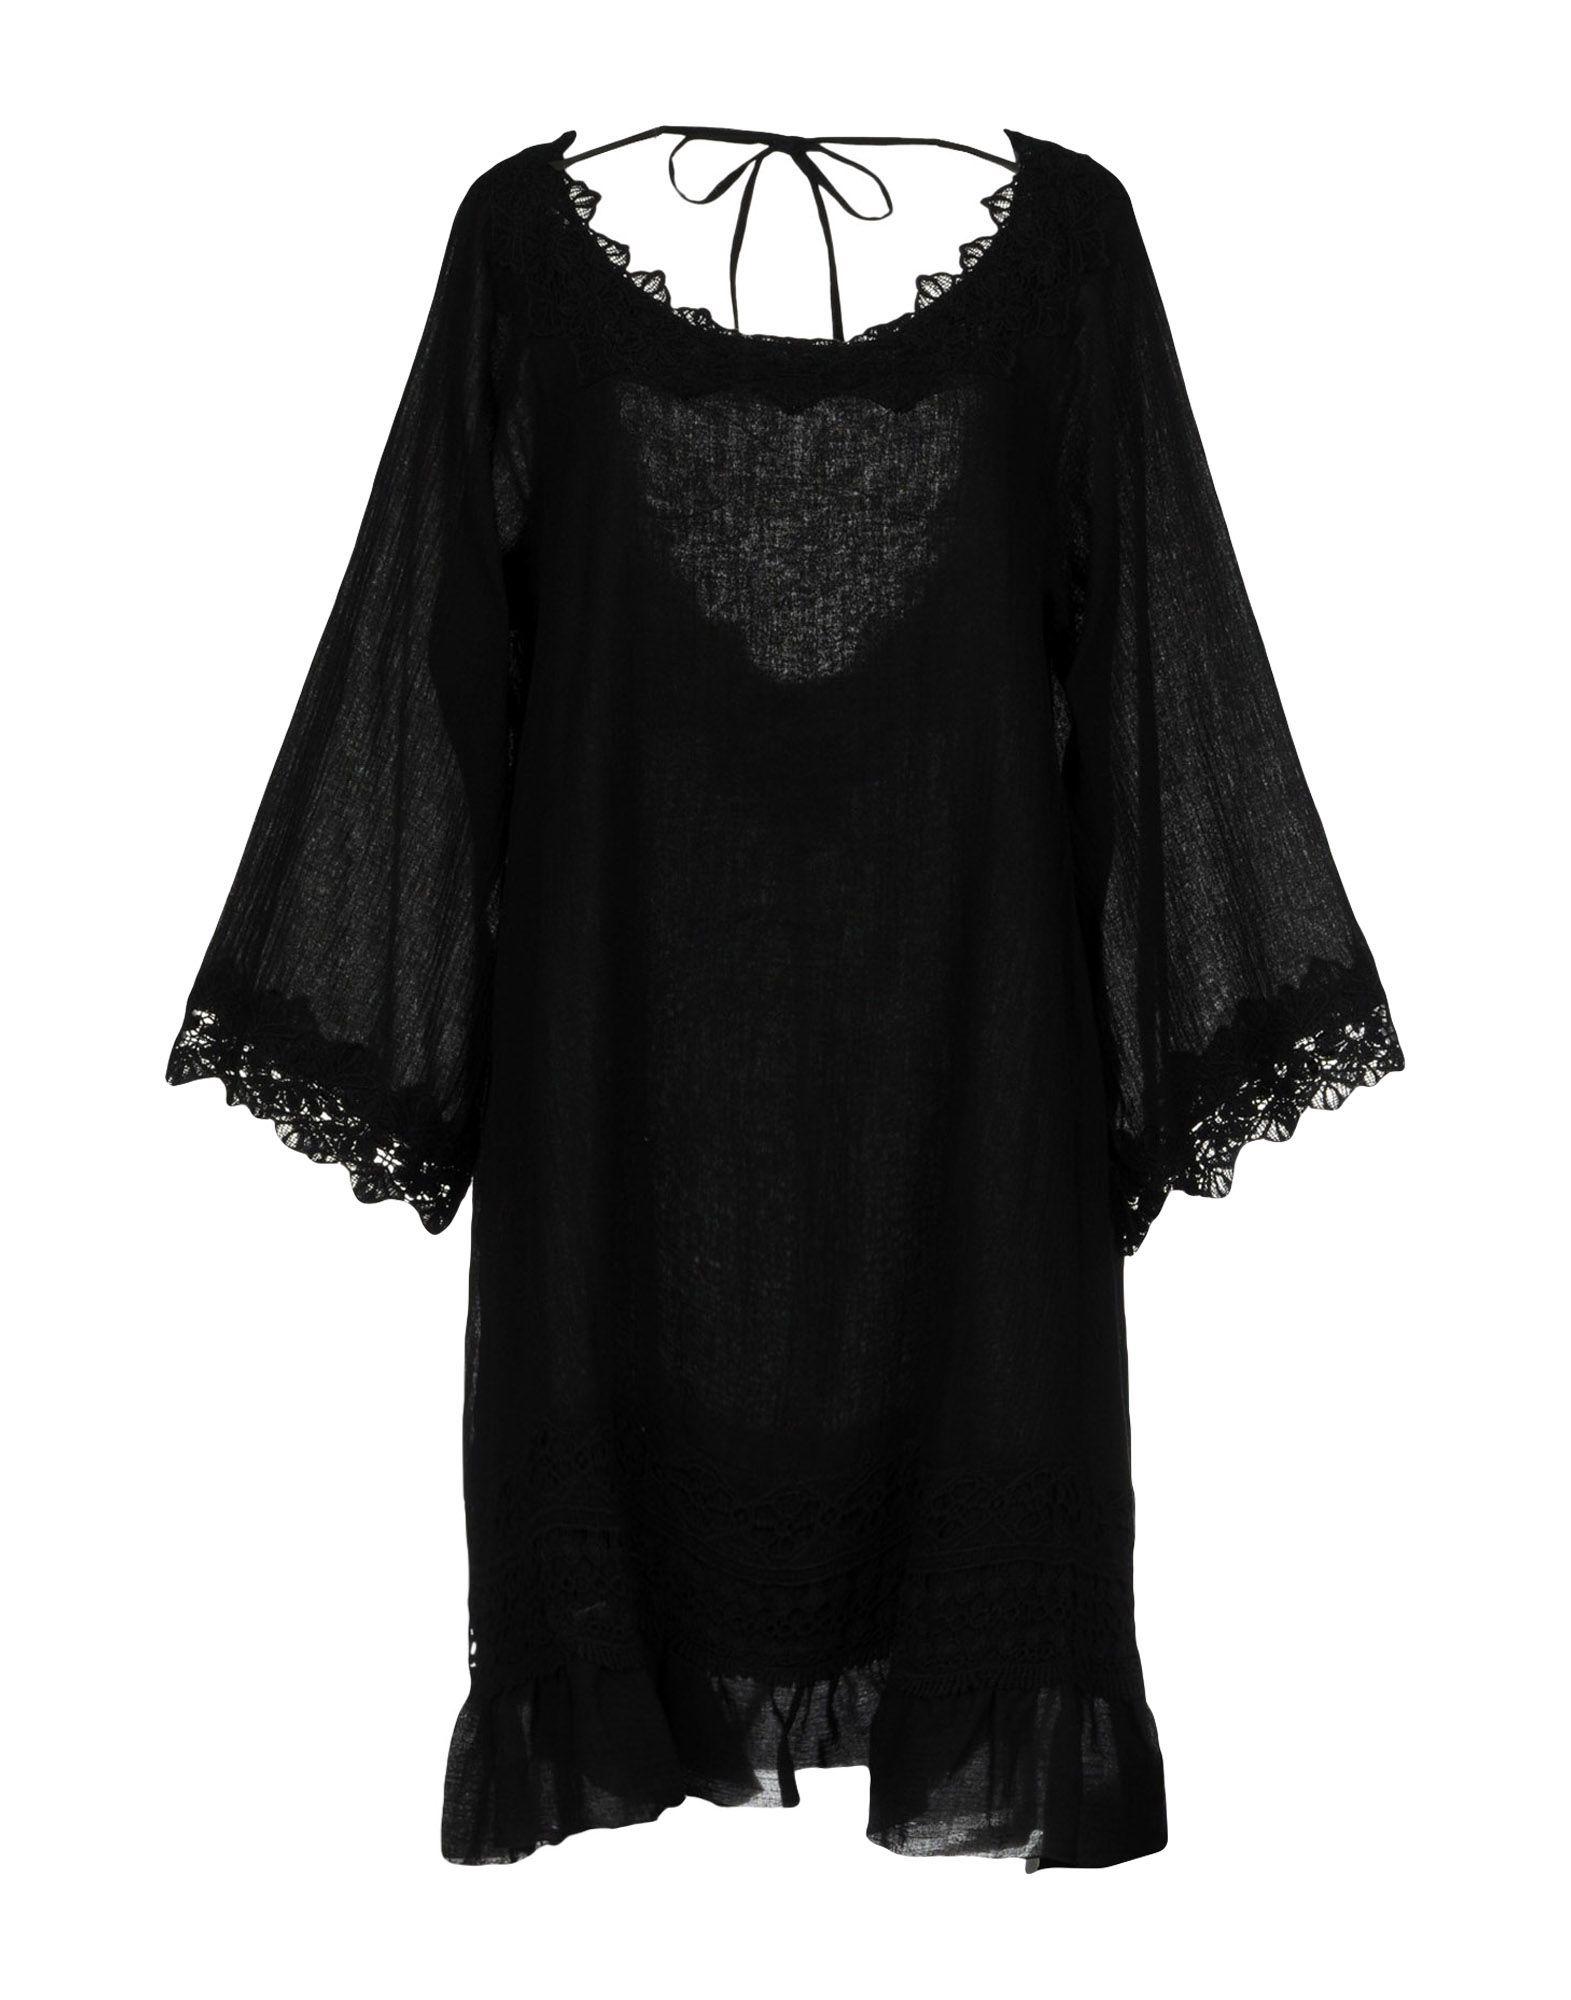 Vestito Corto Raffaela D'angelo Donna - Acquista online su KbiURfm7eQ